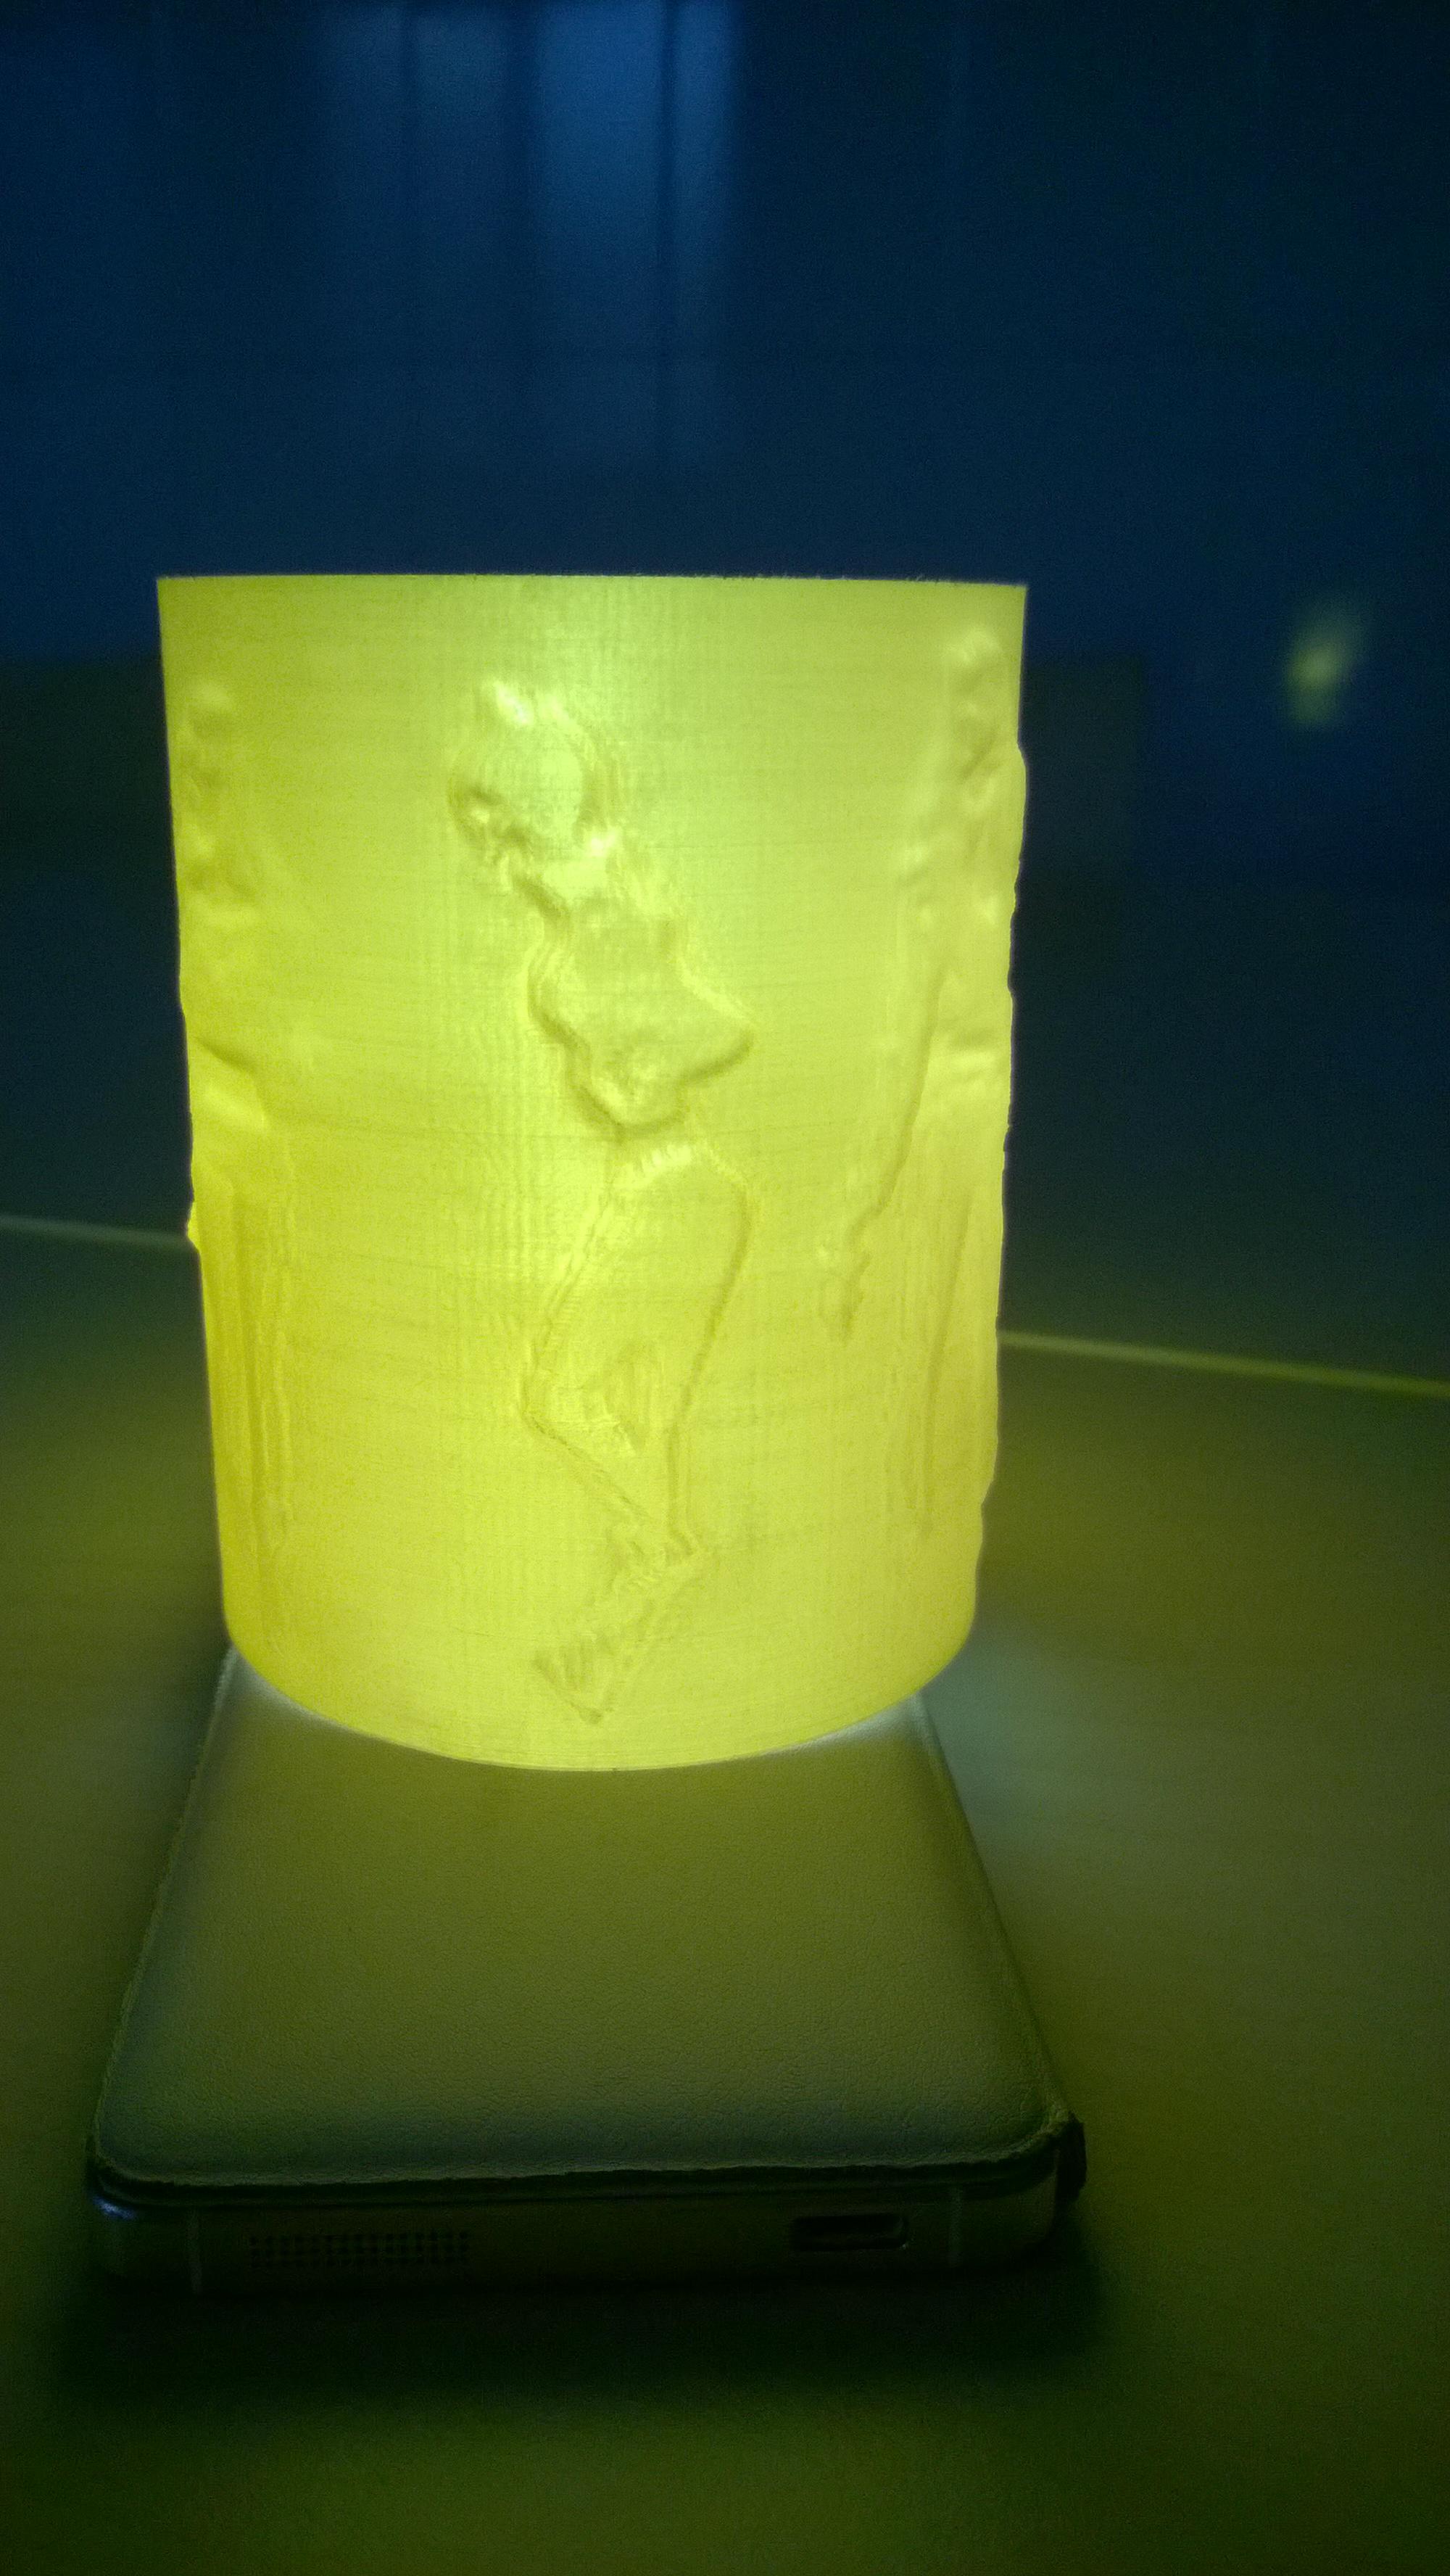 浮雕灯罩3D打印模型,浮雕灯罩3D模型下载,3D打印浮雕灯罩模型下载,浮雕灯罩3D模型,浮雕灯罩STL格式文件,浮雕灯罩3D打印模型免费下载,3D打印模型库